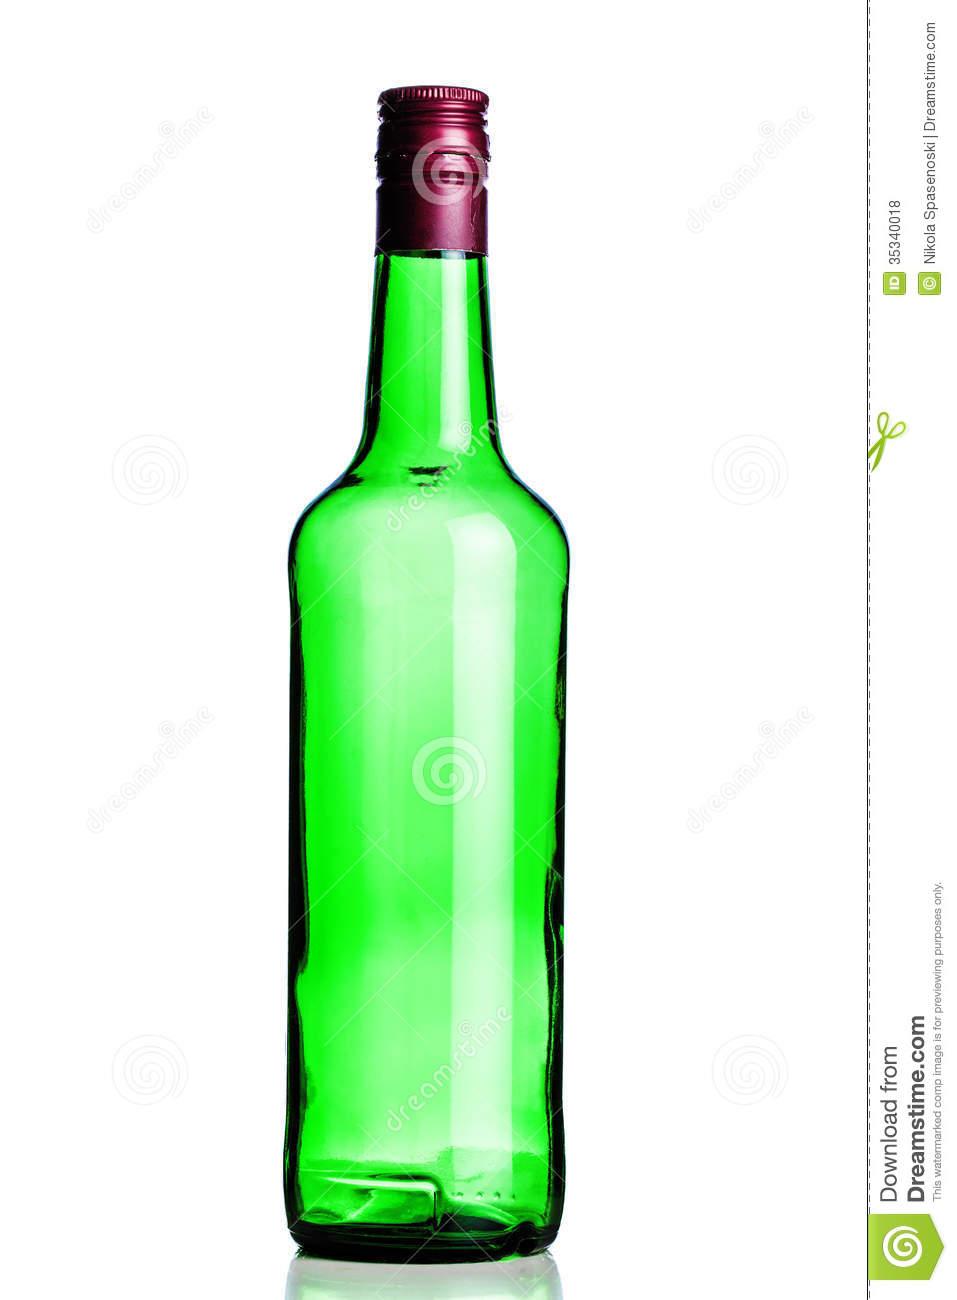 alcohol bottle clipart clipart suggest Drink Clip Art Liquor Bottle Clip Art